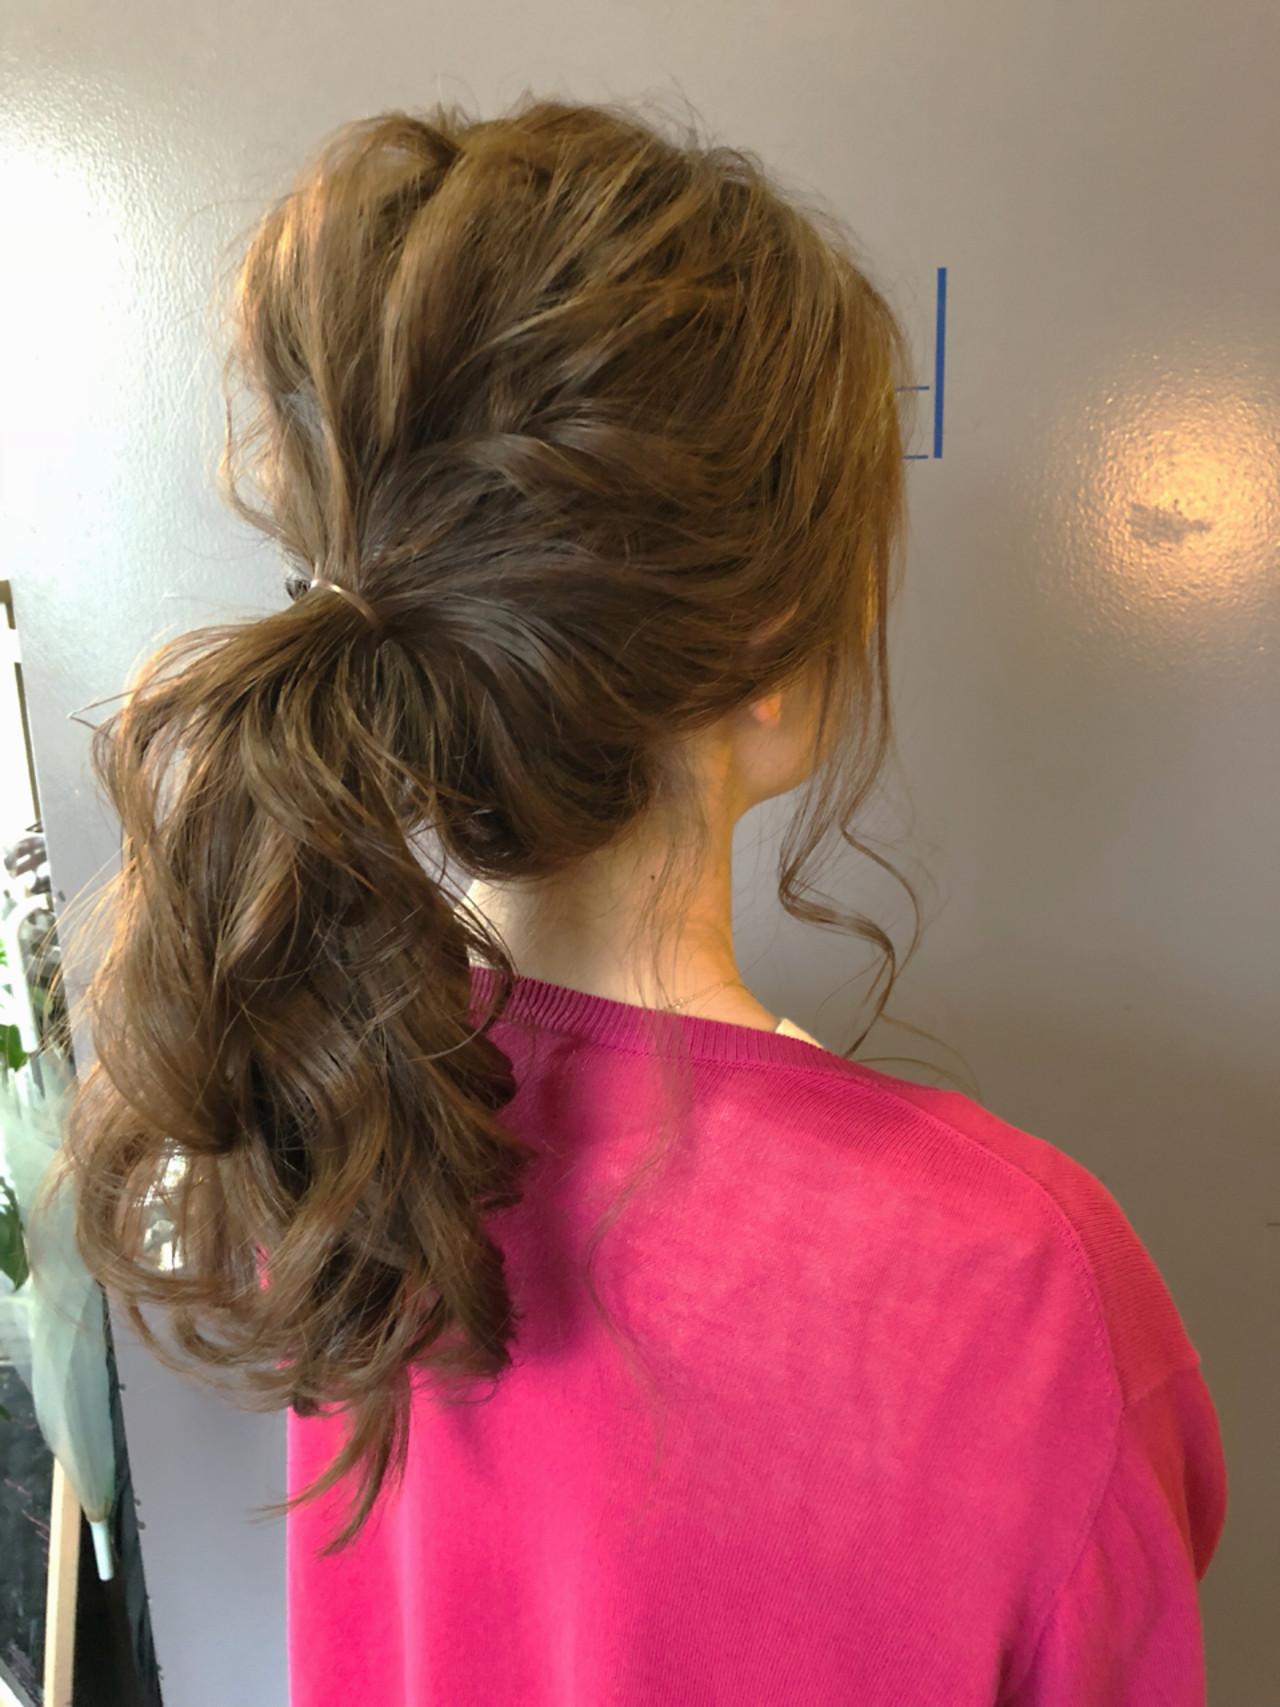 オフィス 結婚式 簡単ヘアアレンジ ナチュラル ヘアスタイルや髪型の写真・画像